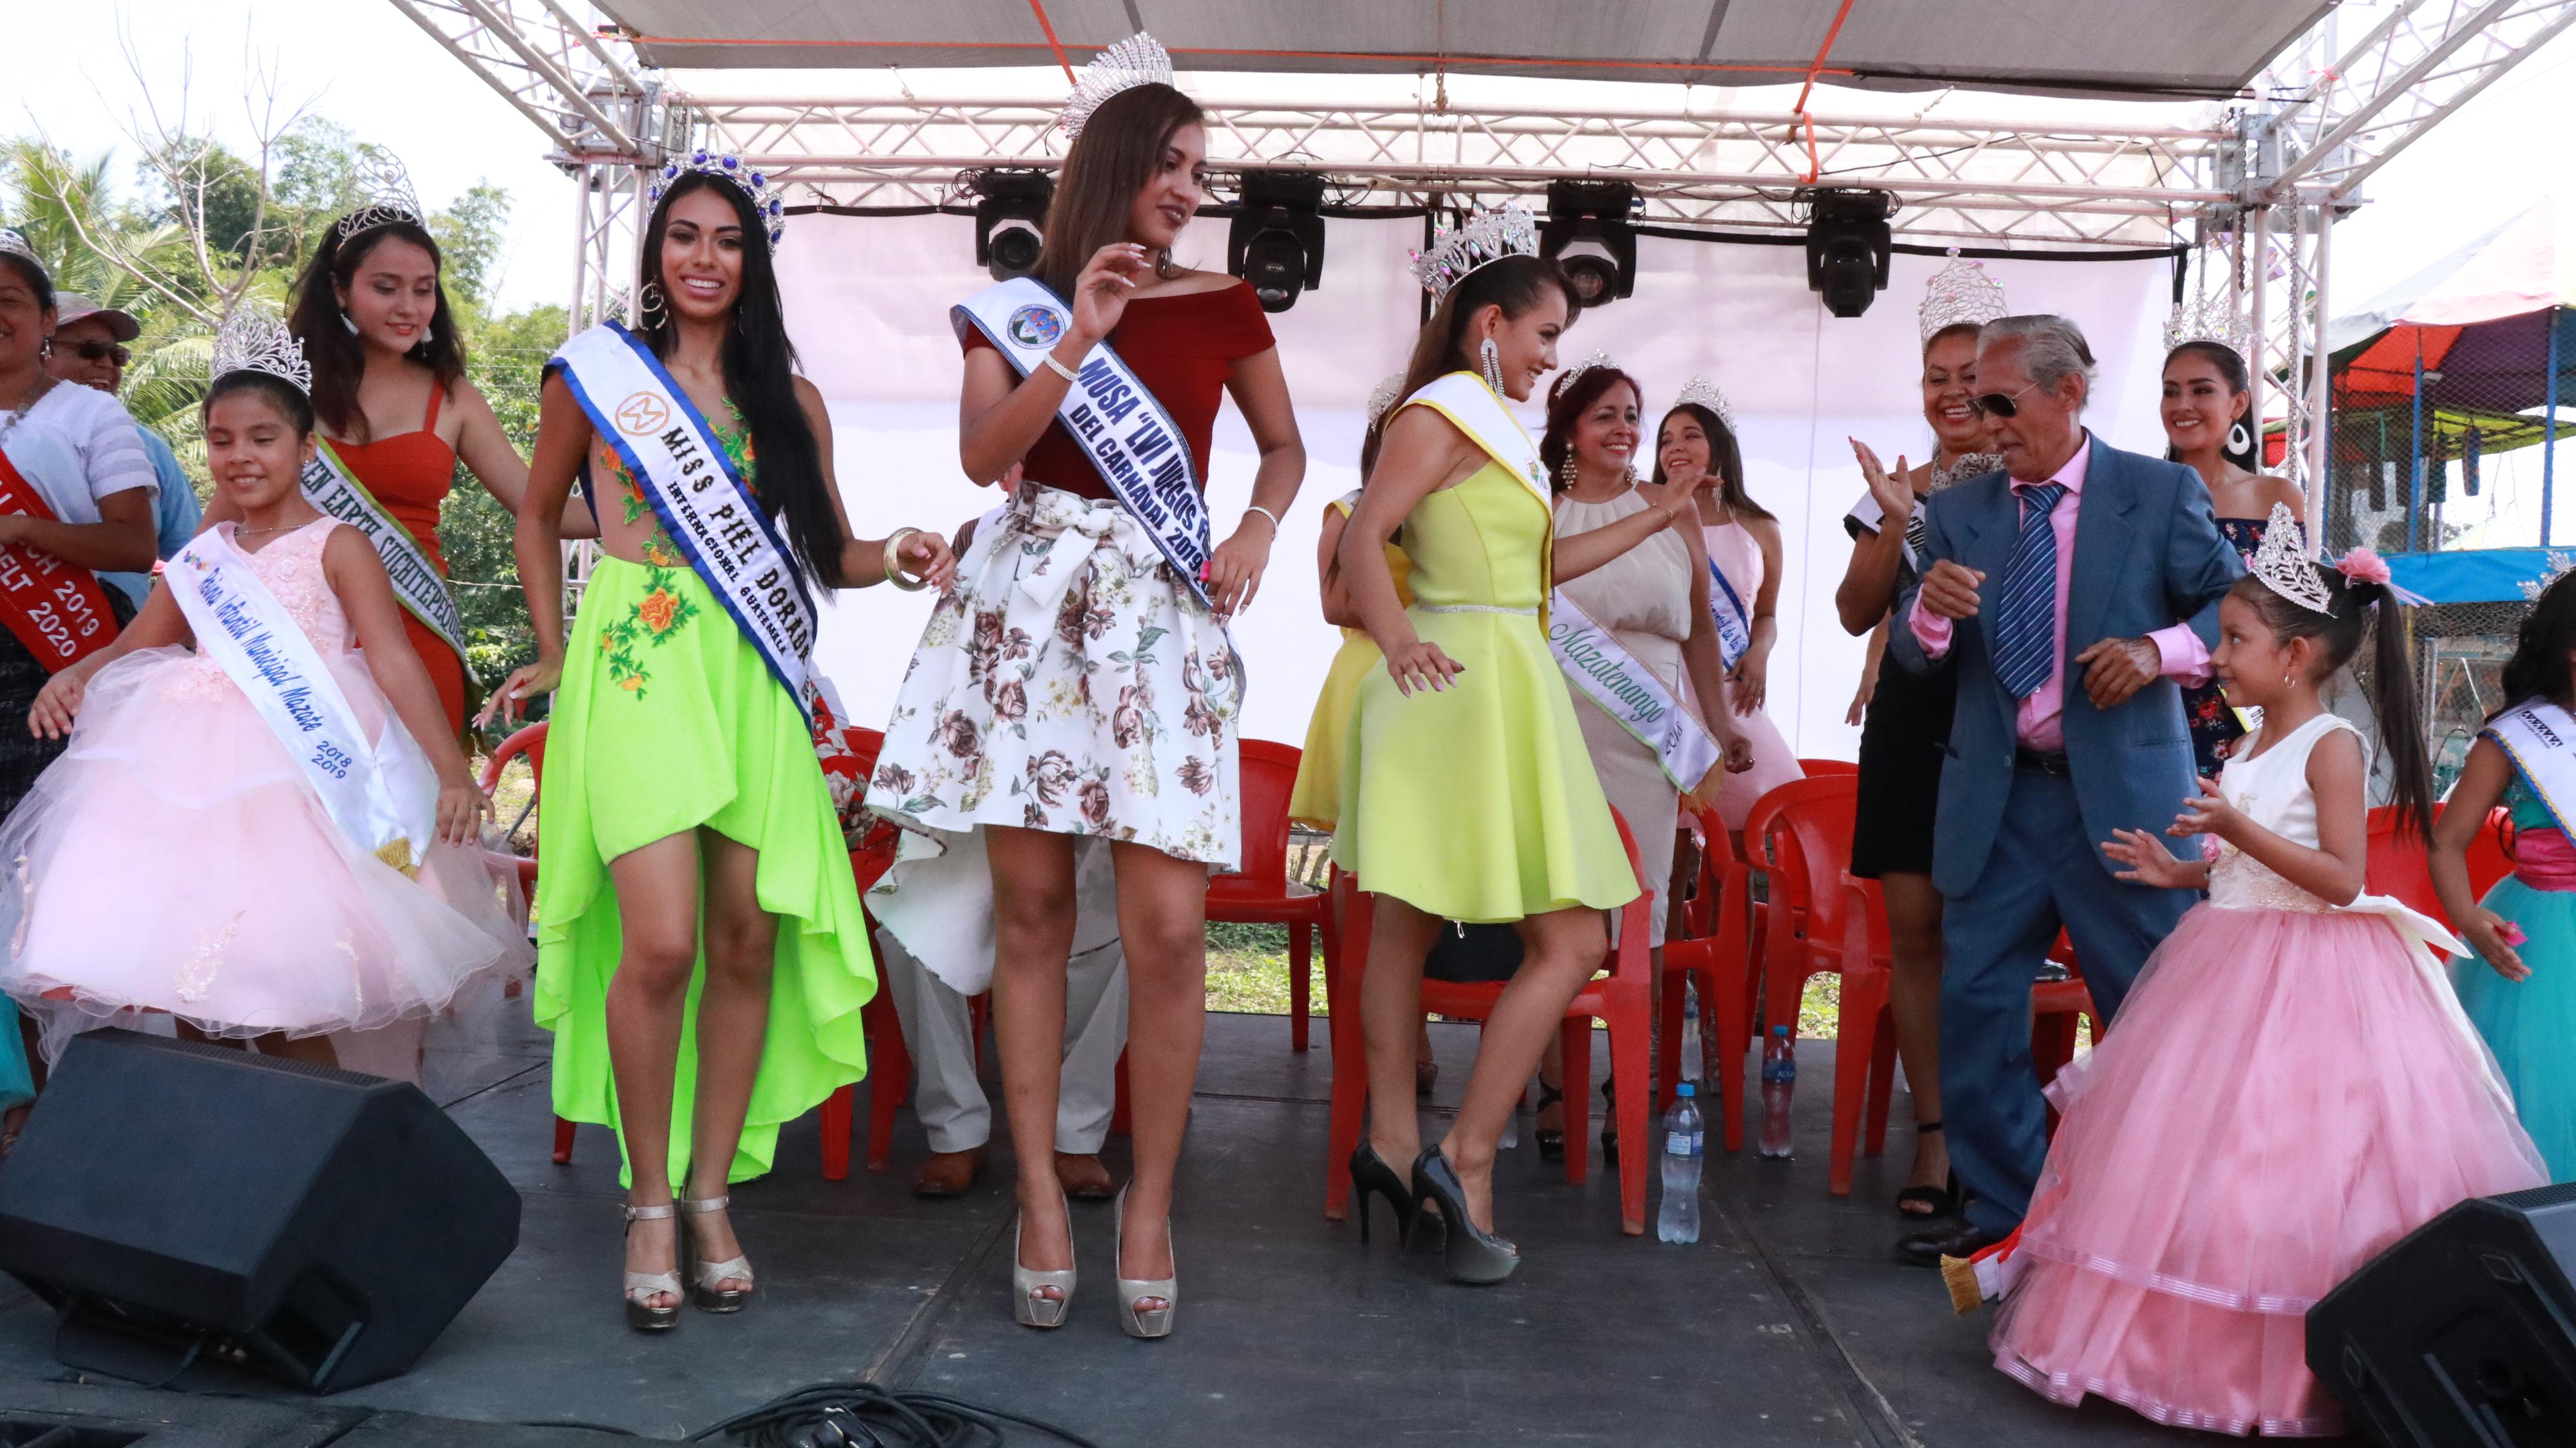 Arrancó el Carnaval de Mazatenango con los primeros bailes. (Foto Prensa Libre: Cristian Icó Soto)